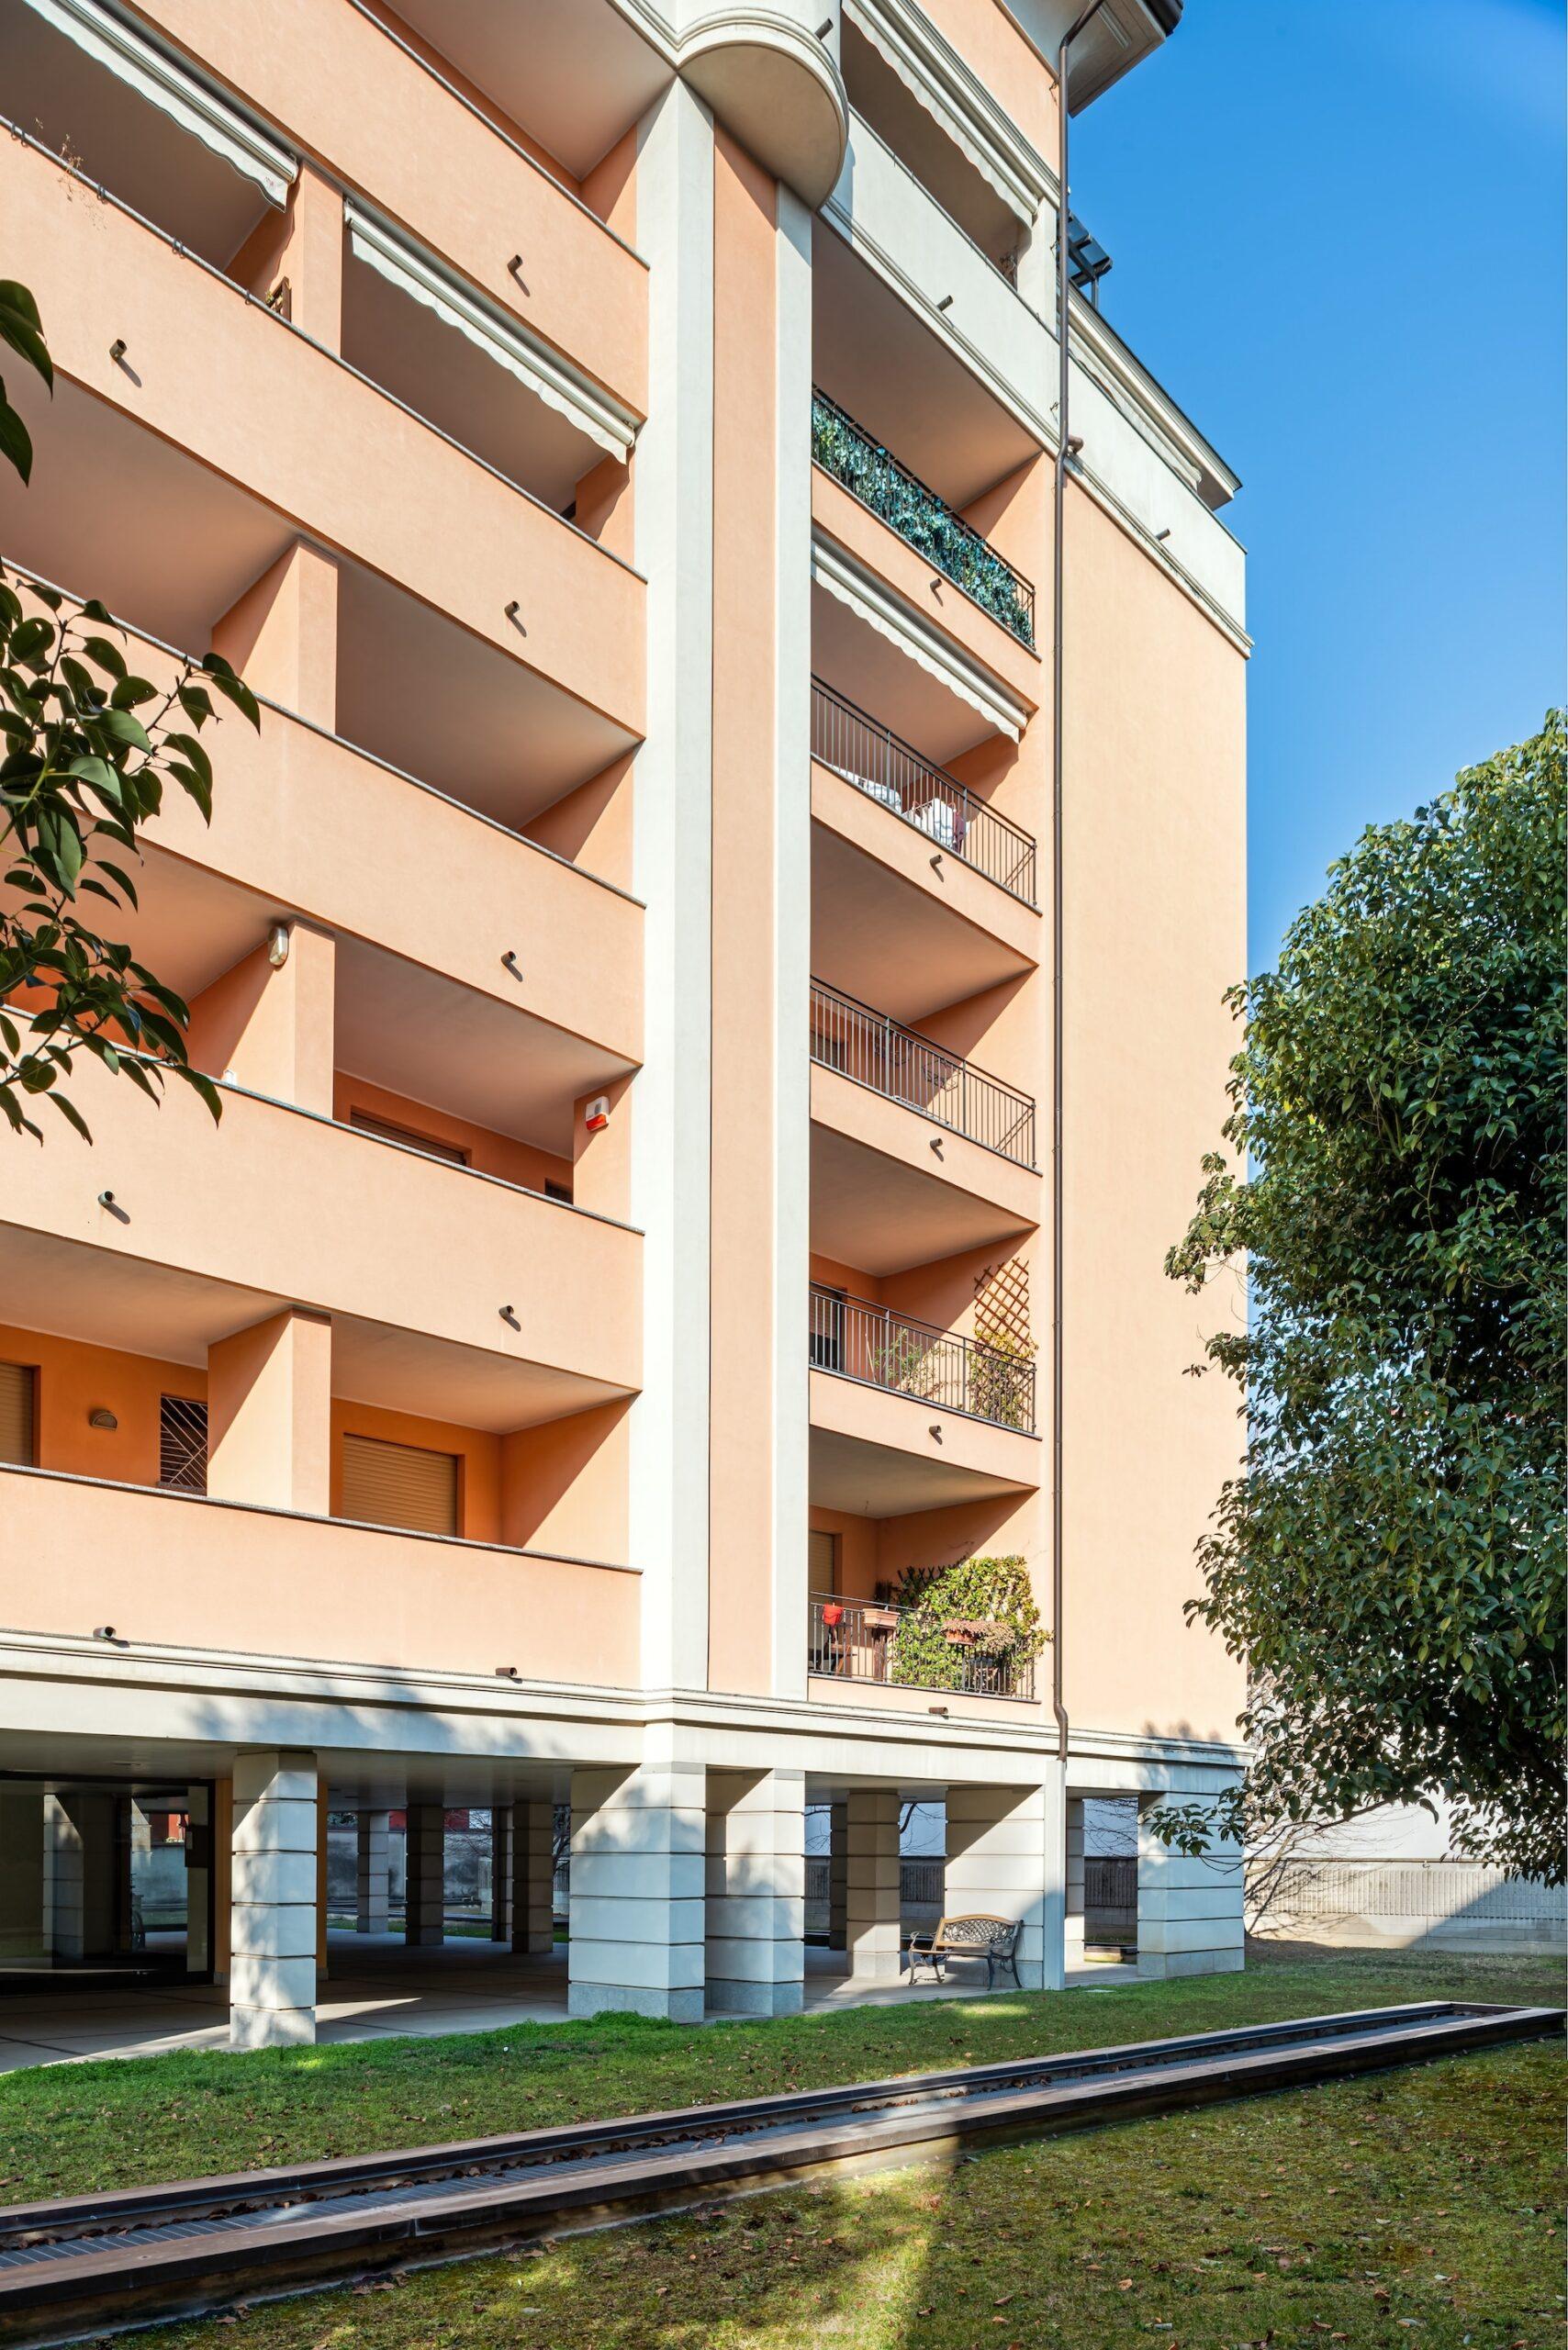 Condominio Ornella, via Sabotino 39 Saronno-HDR-4